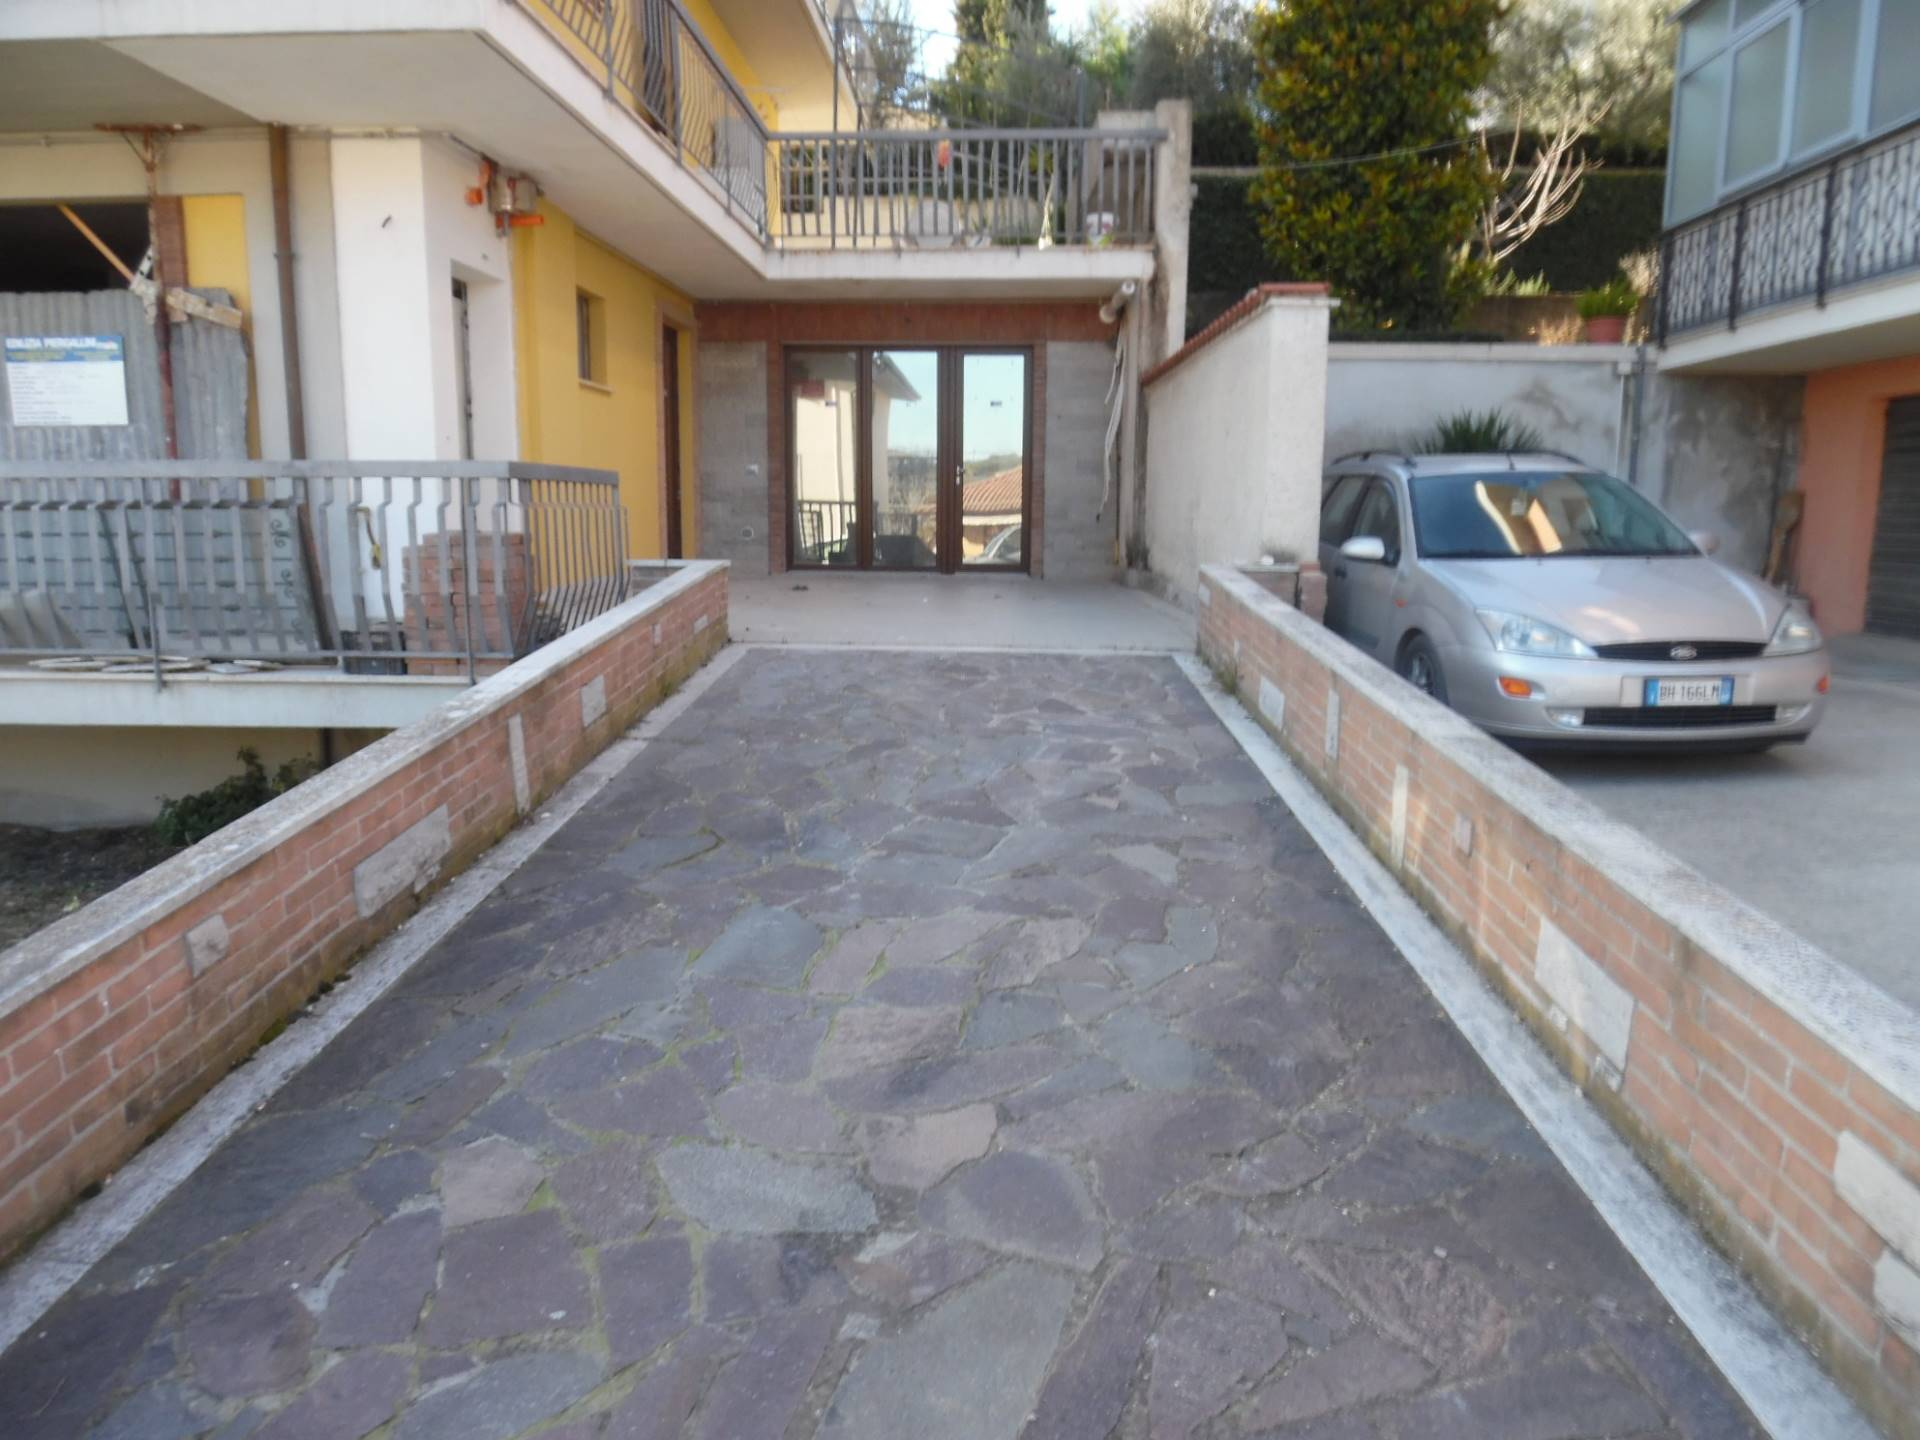 Appartamento in vendita a Monsampolo del Tronto, 3 locali, zona Località: StelladiMonsampolo, prezzo € 83.000 | PortaleAgenzieImmobiliari.it